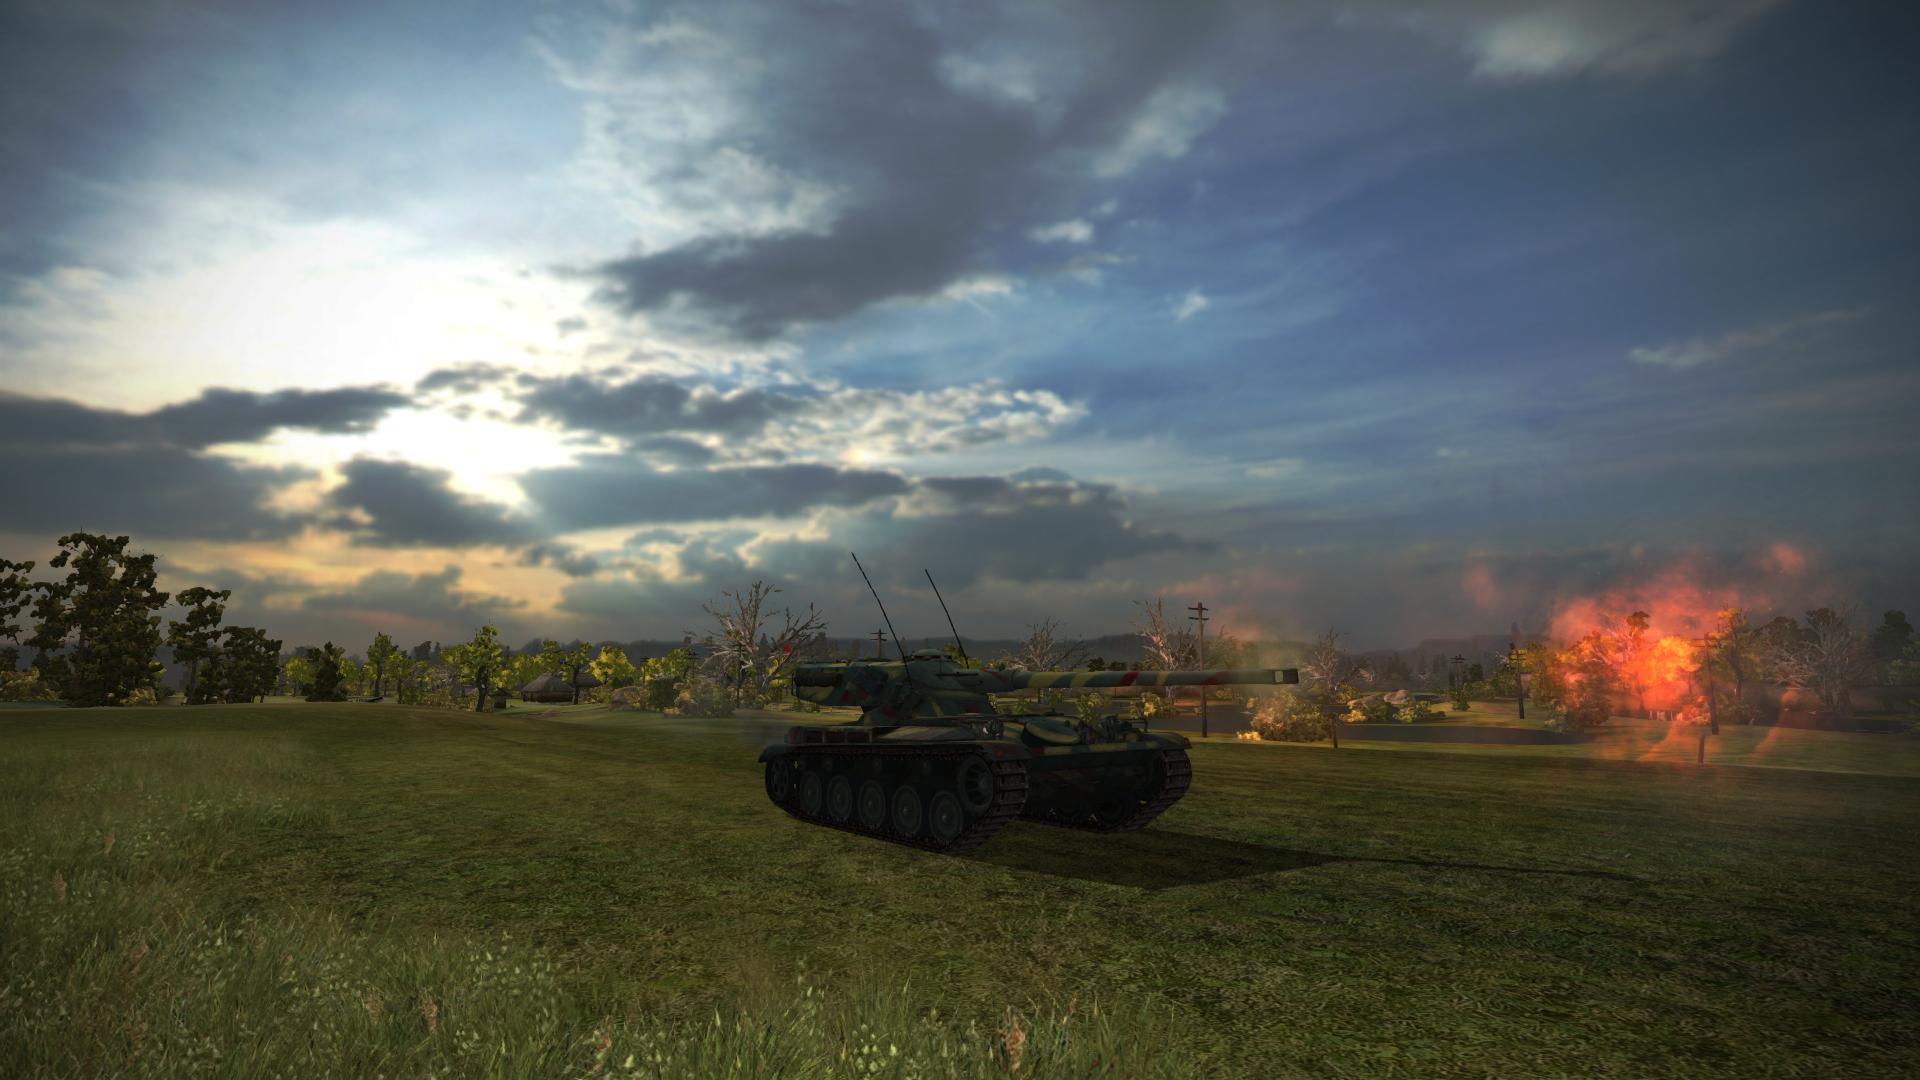 Klicke auf die Grafik für eine größere AnsichtName:AMX-1390_22.jpgHits:91Größe:181,8 KBID:6081